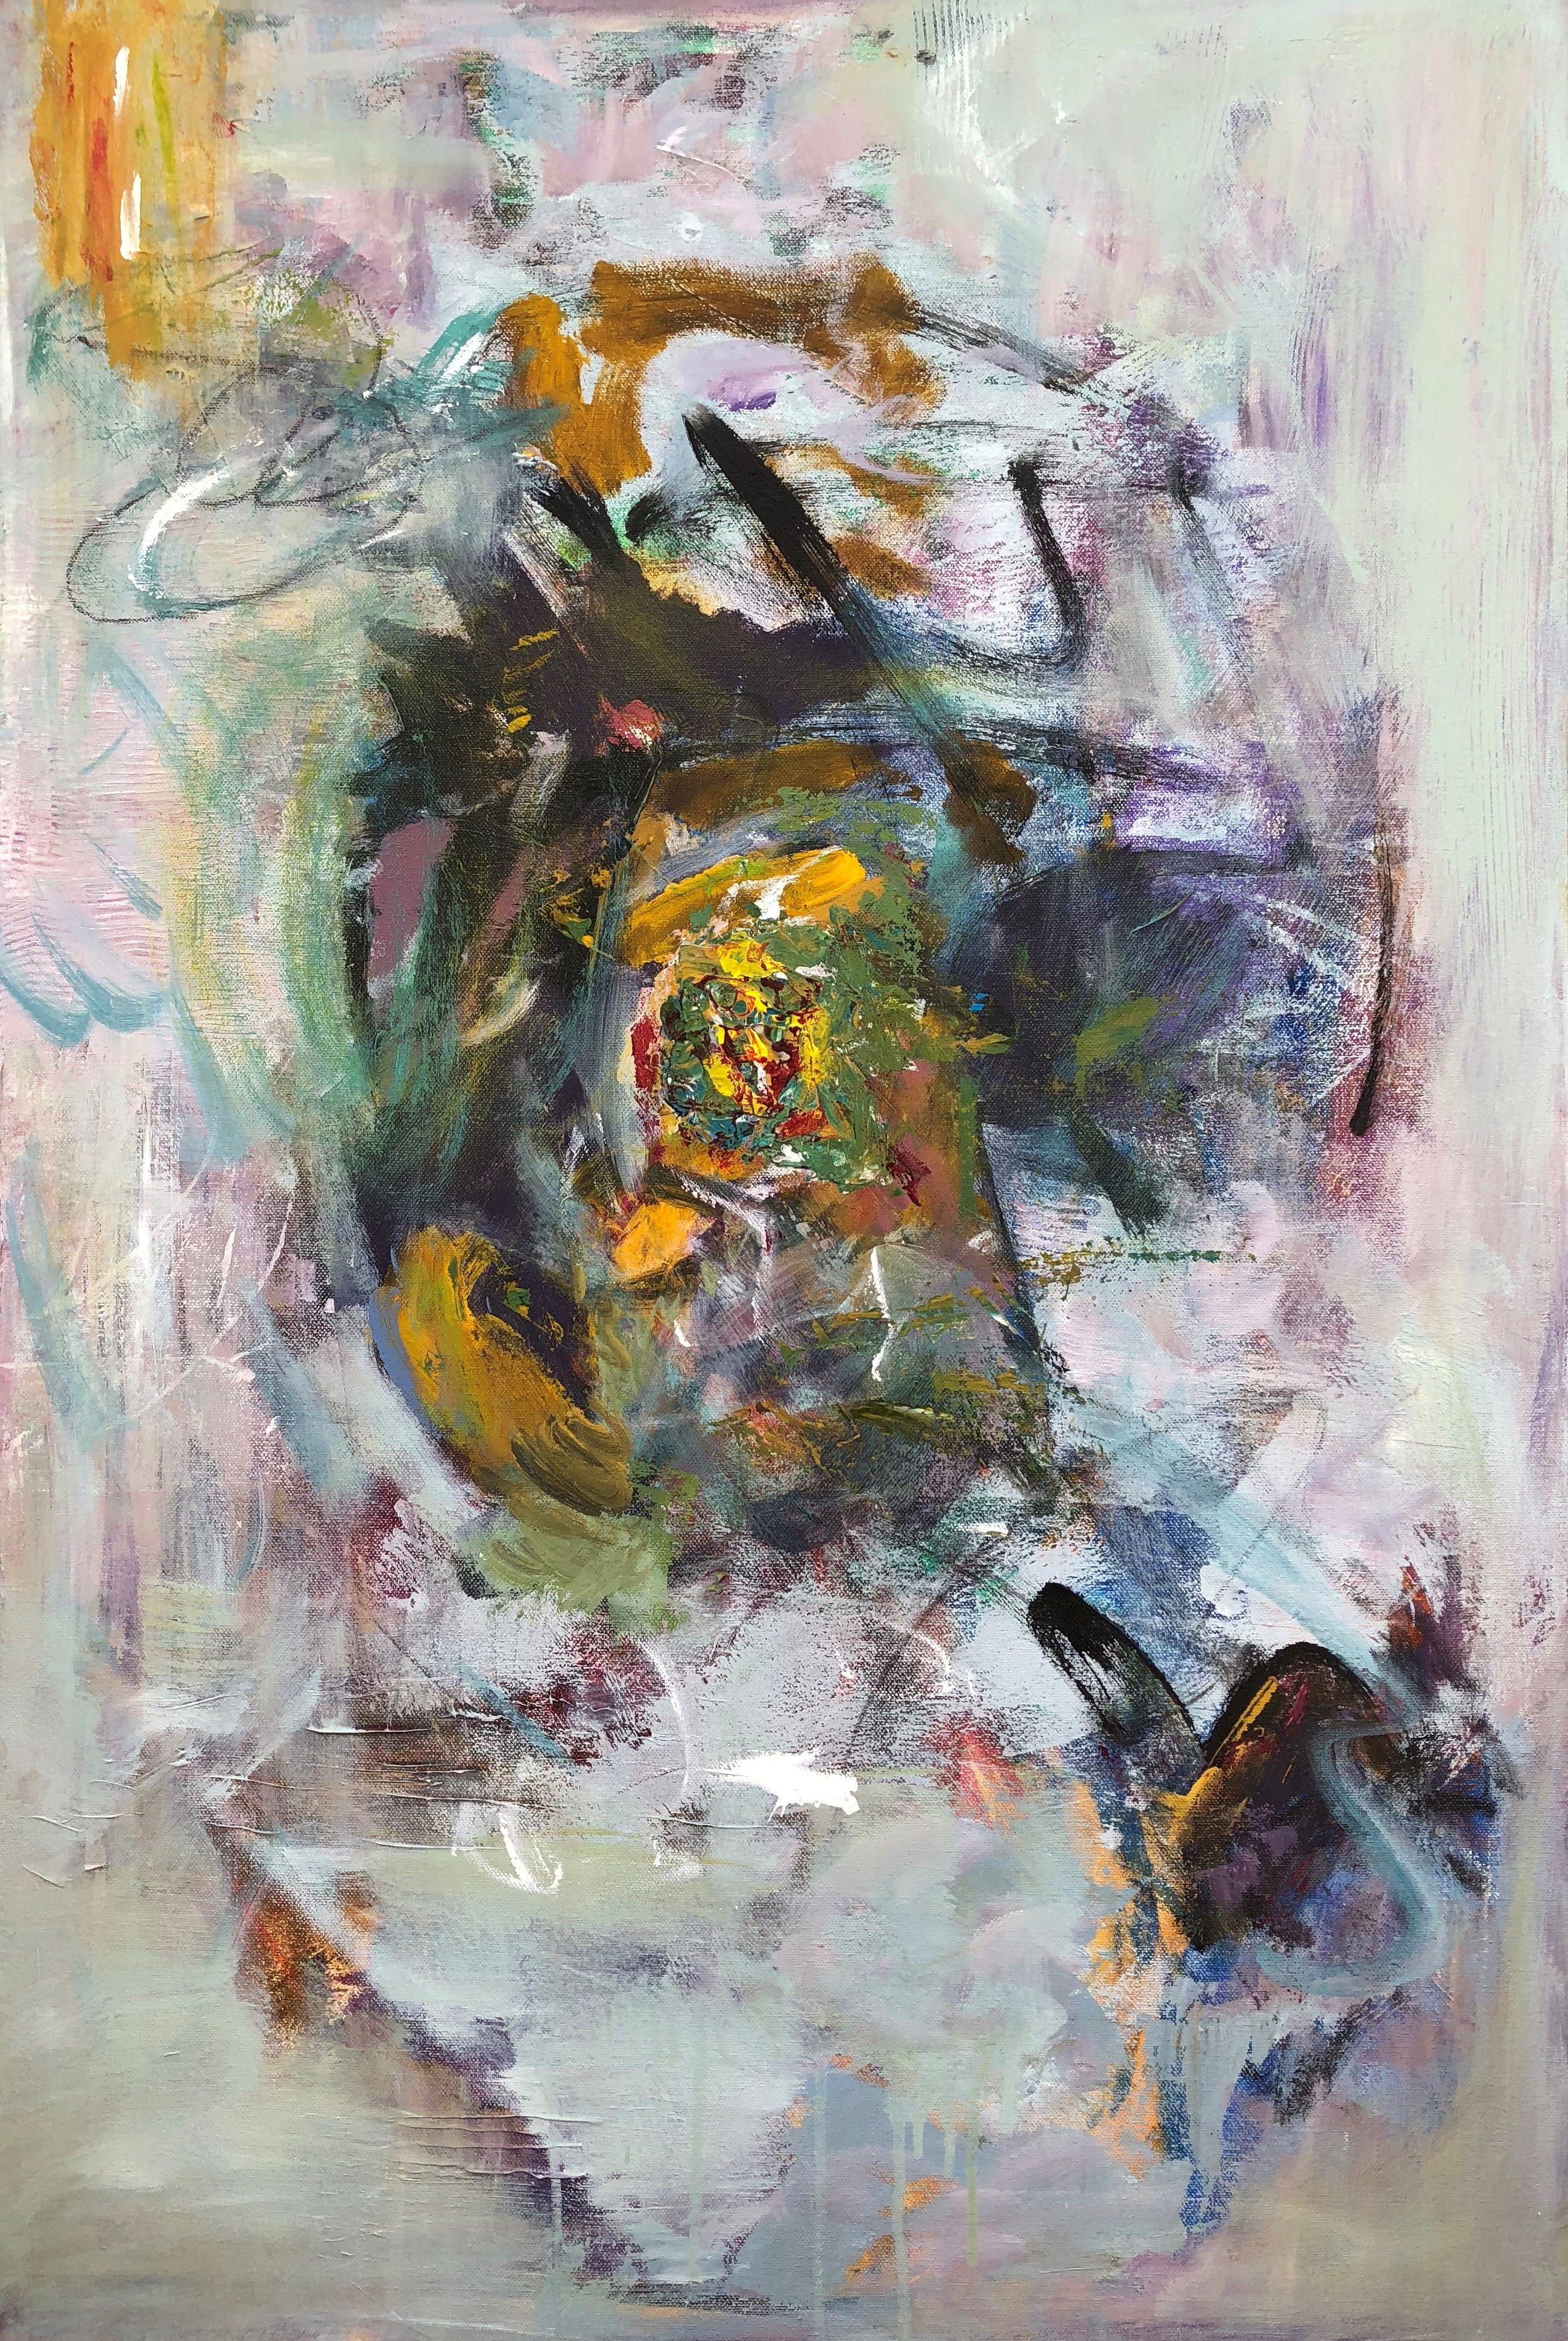 u201cVortexu201d u2013 door to the unexpected *** #abstractart #abstractpainting # & Vortexu201d u2013 door to the unexpected *** #abstractart #abstractpainting ...